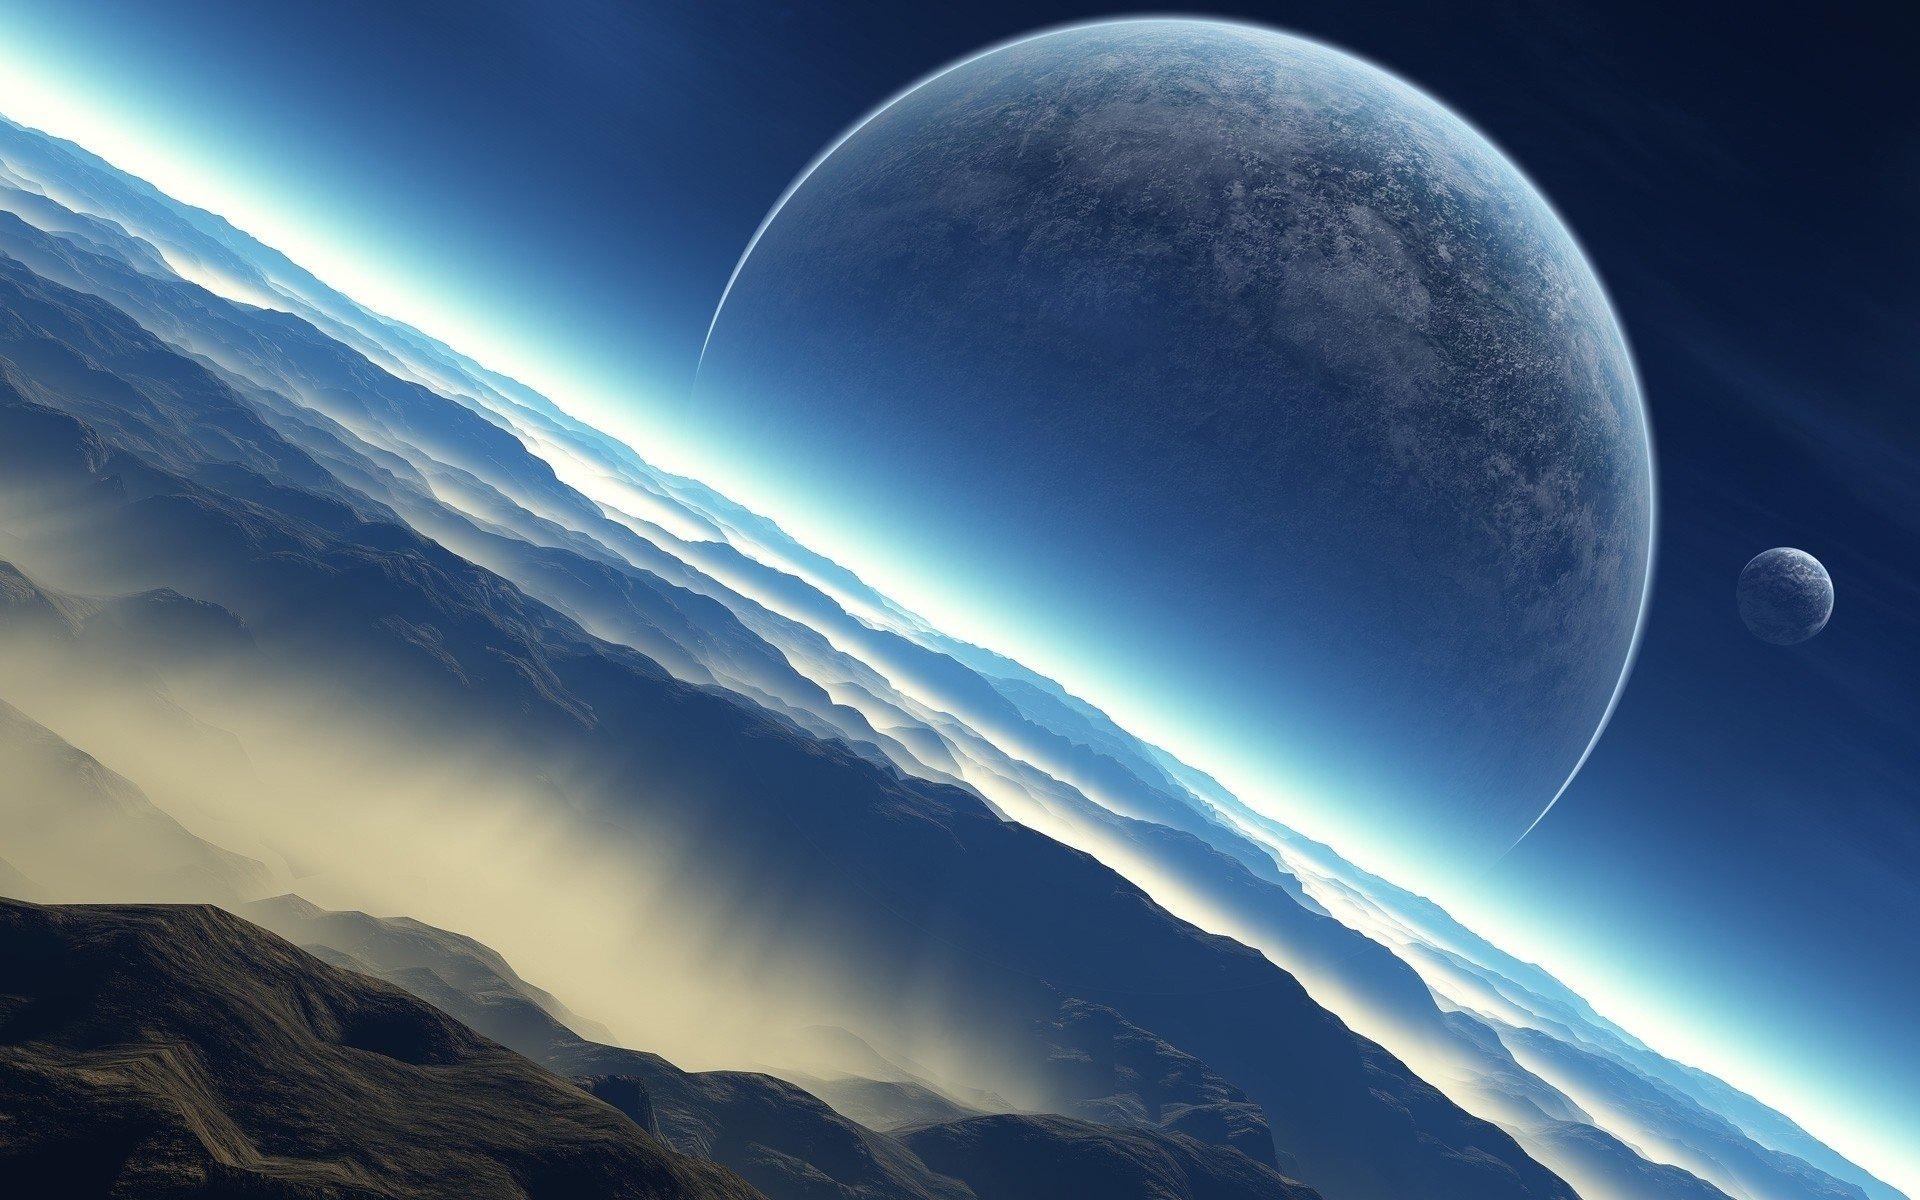 Space Universe Eclipse Hd Wallpapers Desktop: Space, Planet, Universe, Digital Art, Landscape, Space Art